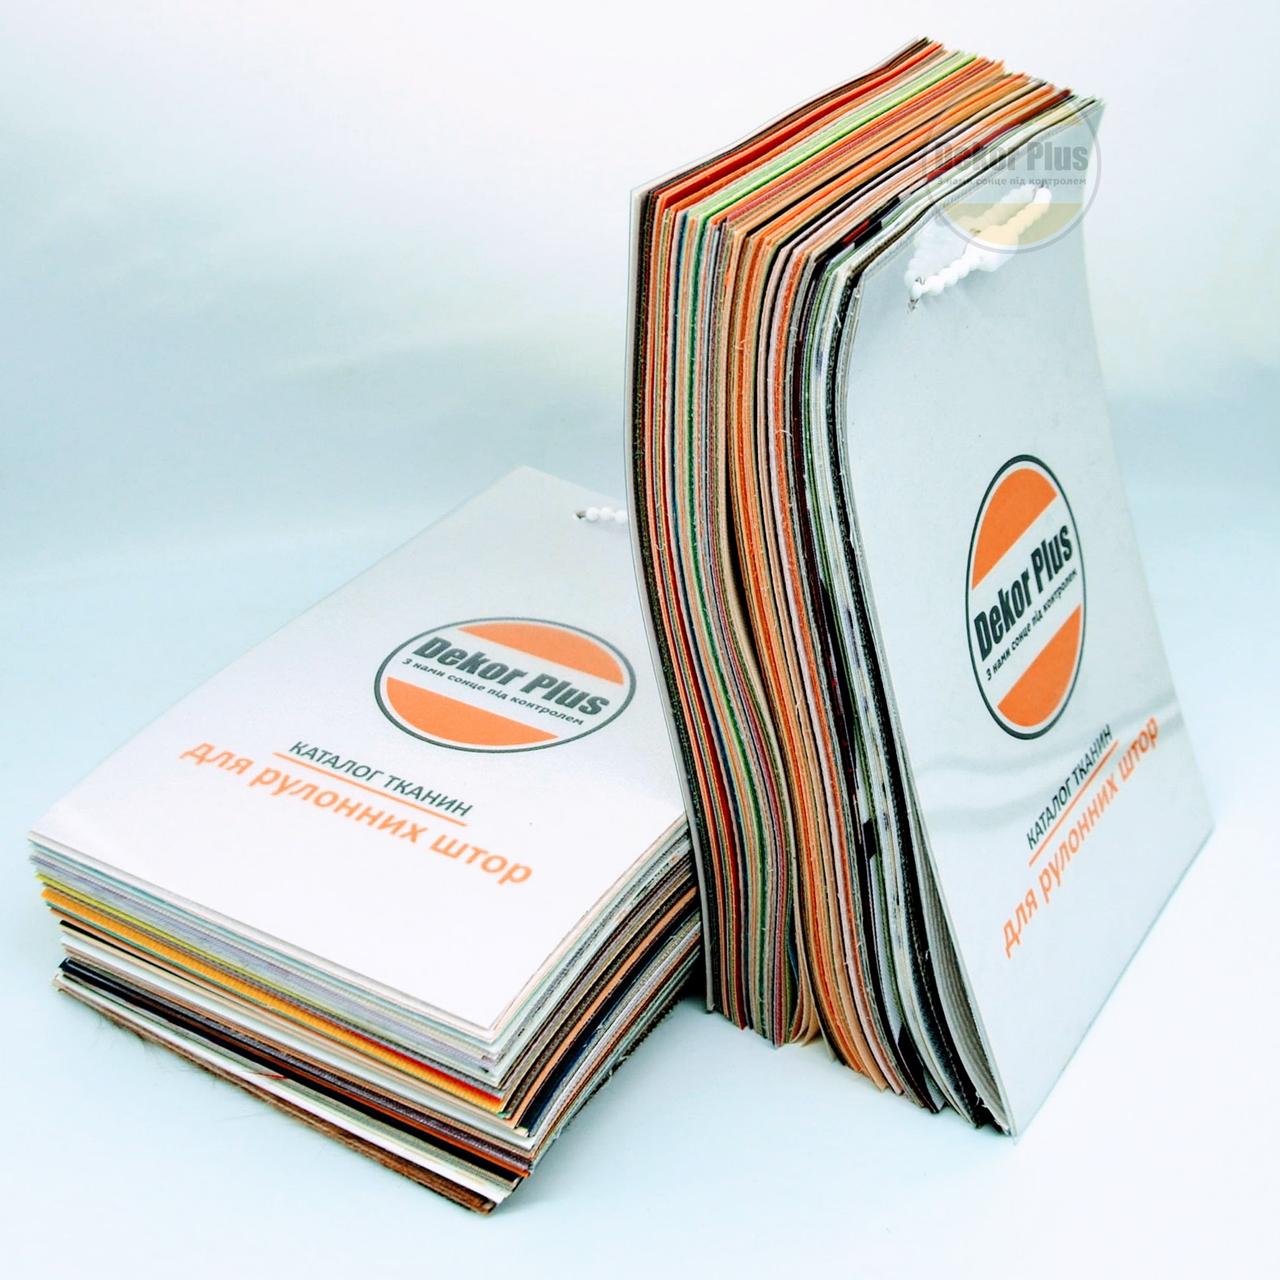 Каталог зразків тканин для рулонних штор